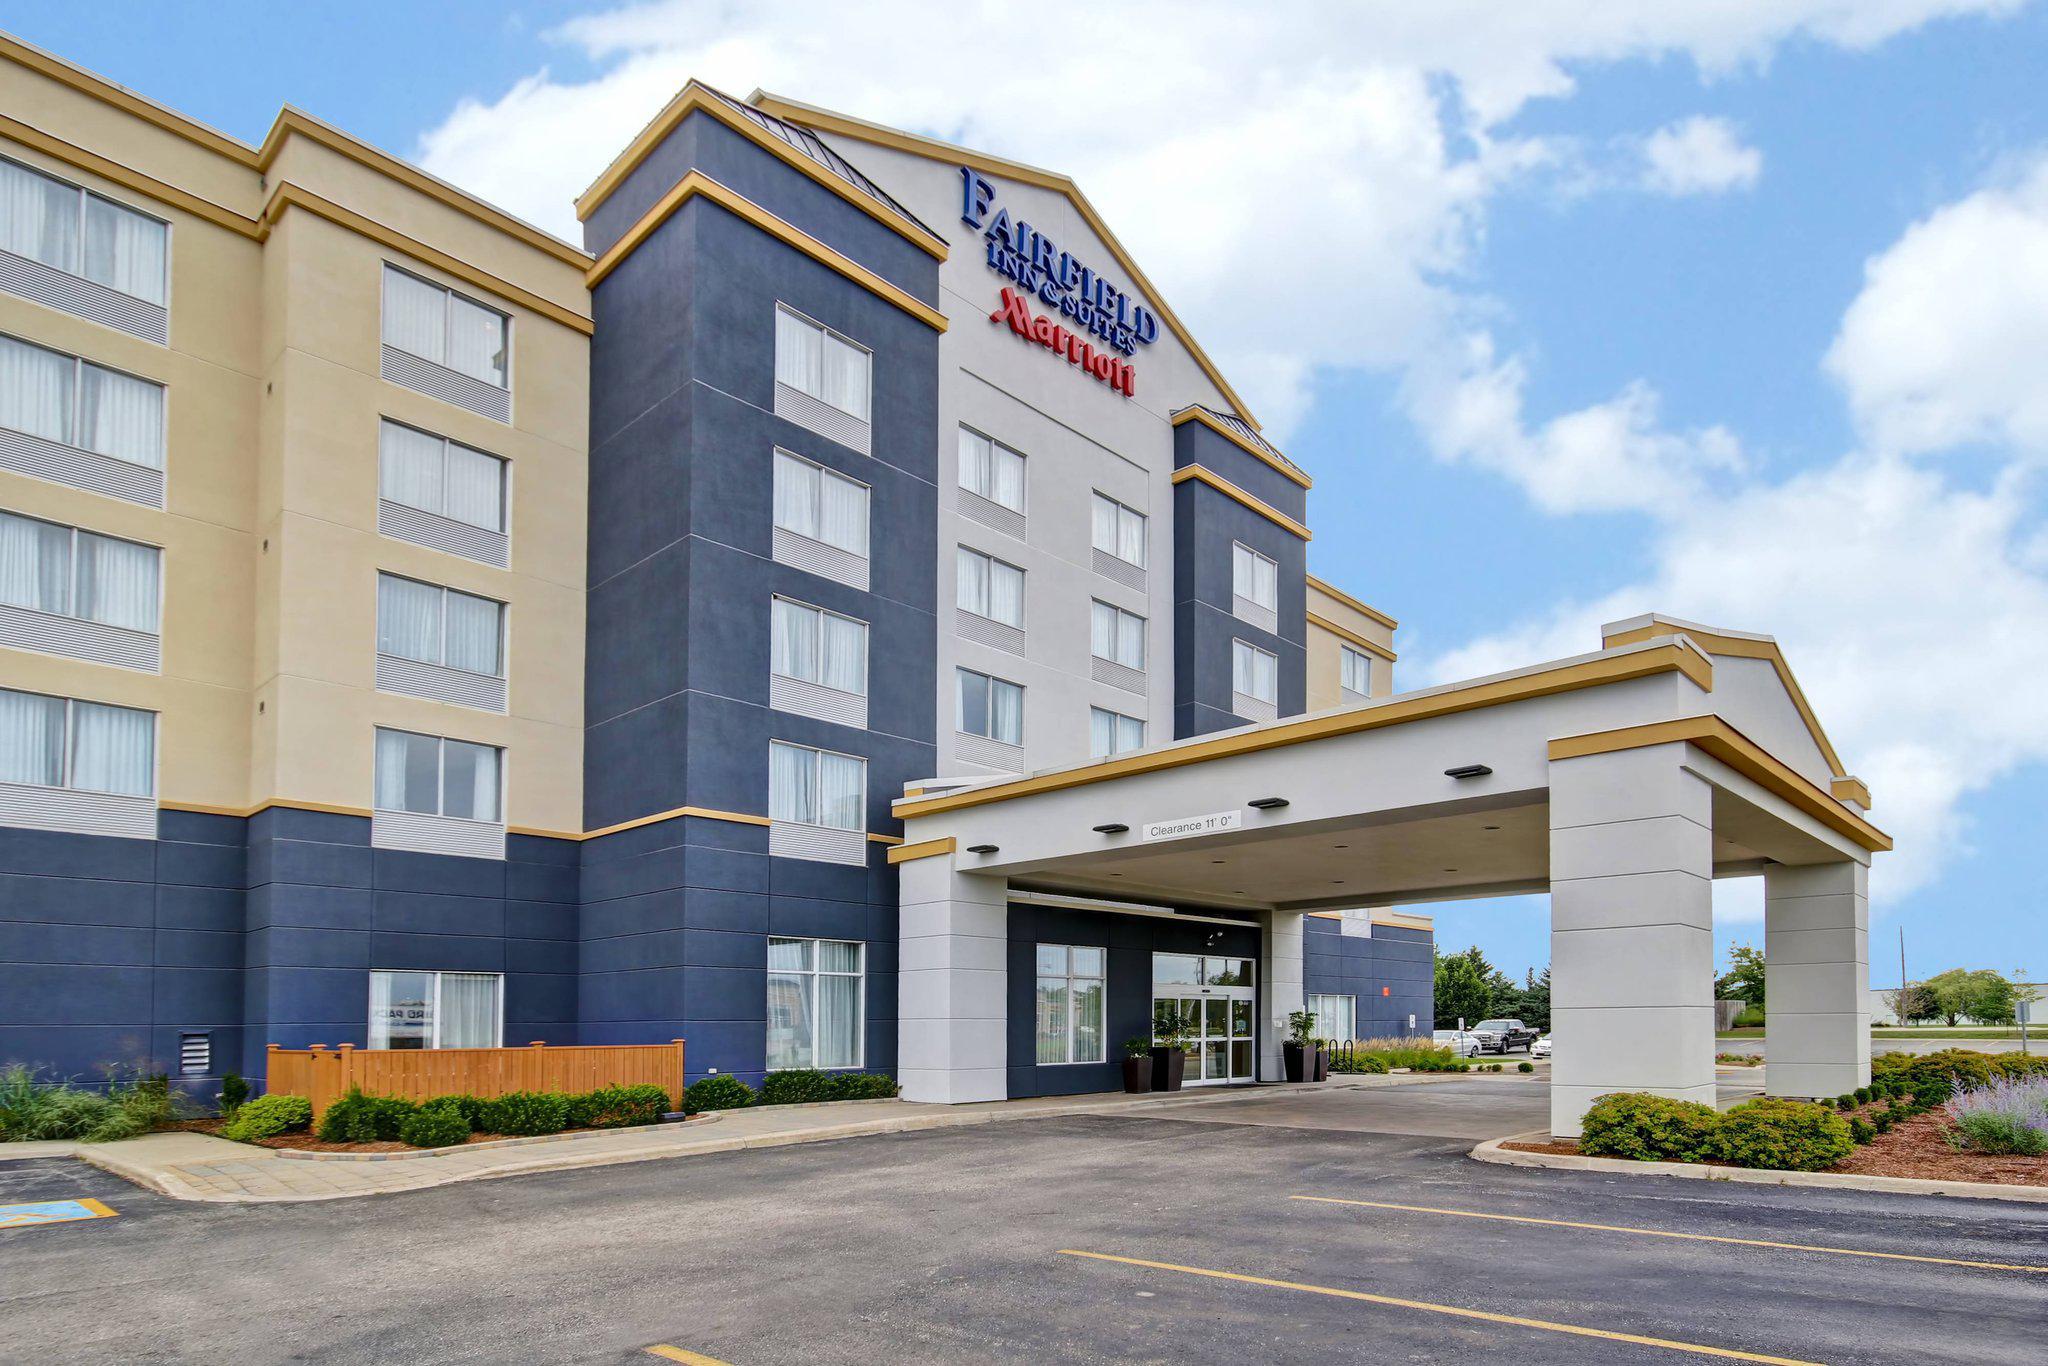 Fairfield Inn & Suites by Marriott Guelph